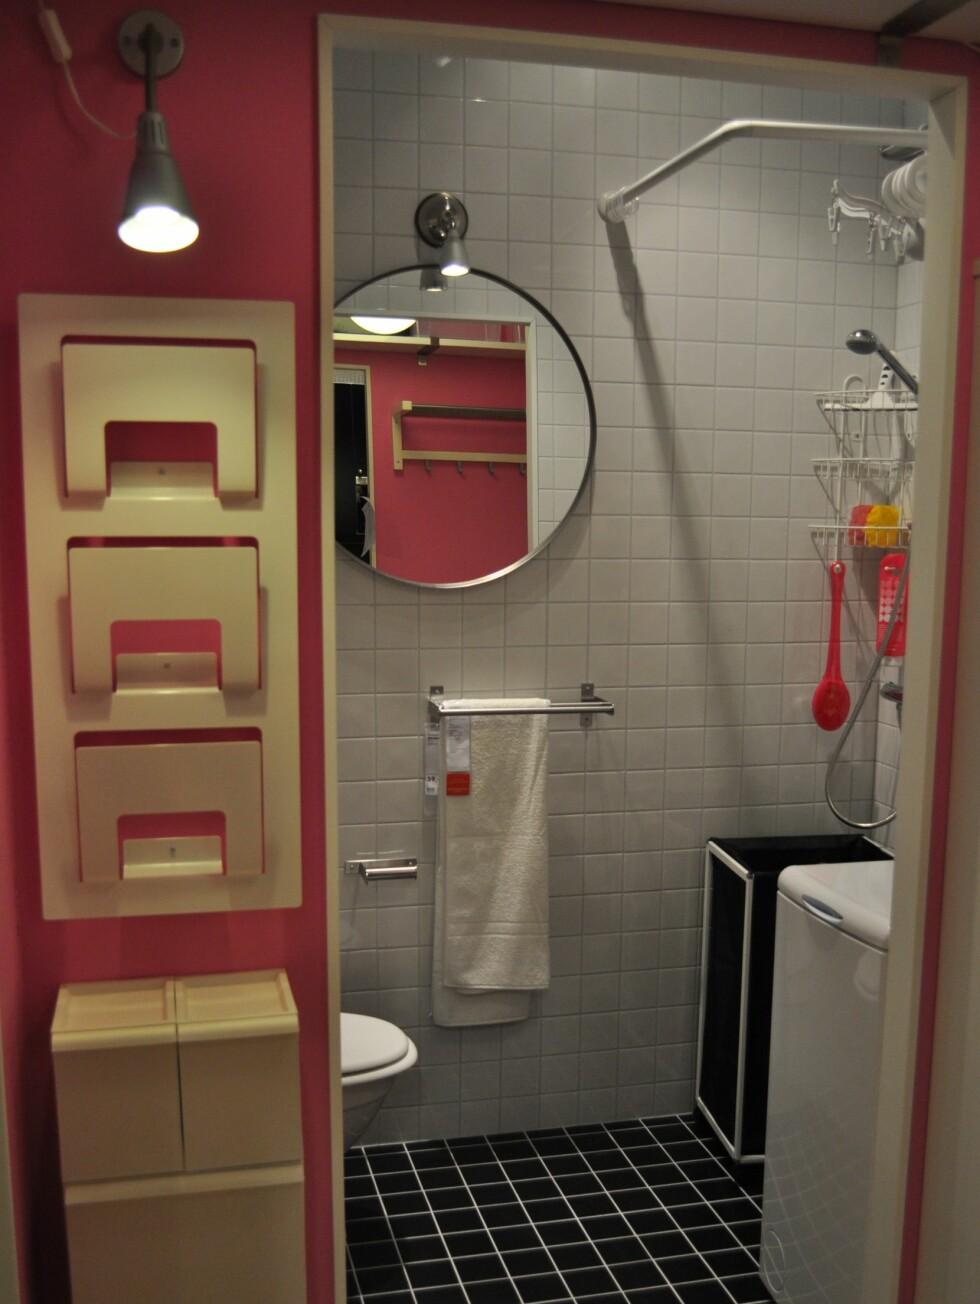 Ikea har innredet flere leiligheter der de viser frem smarte løsninger både for deg som bor på få kvadratmeter, og deg som aldri får nok plass. Foto: Ikea